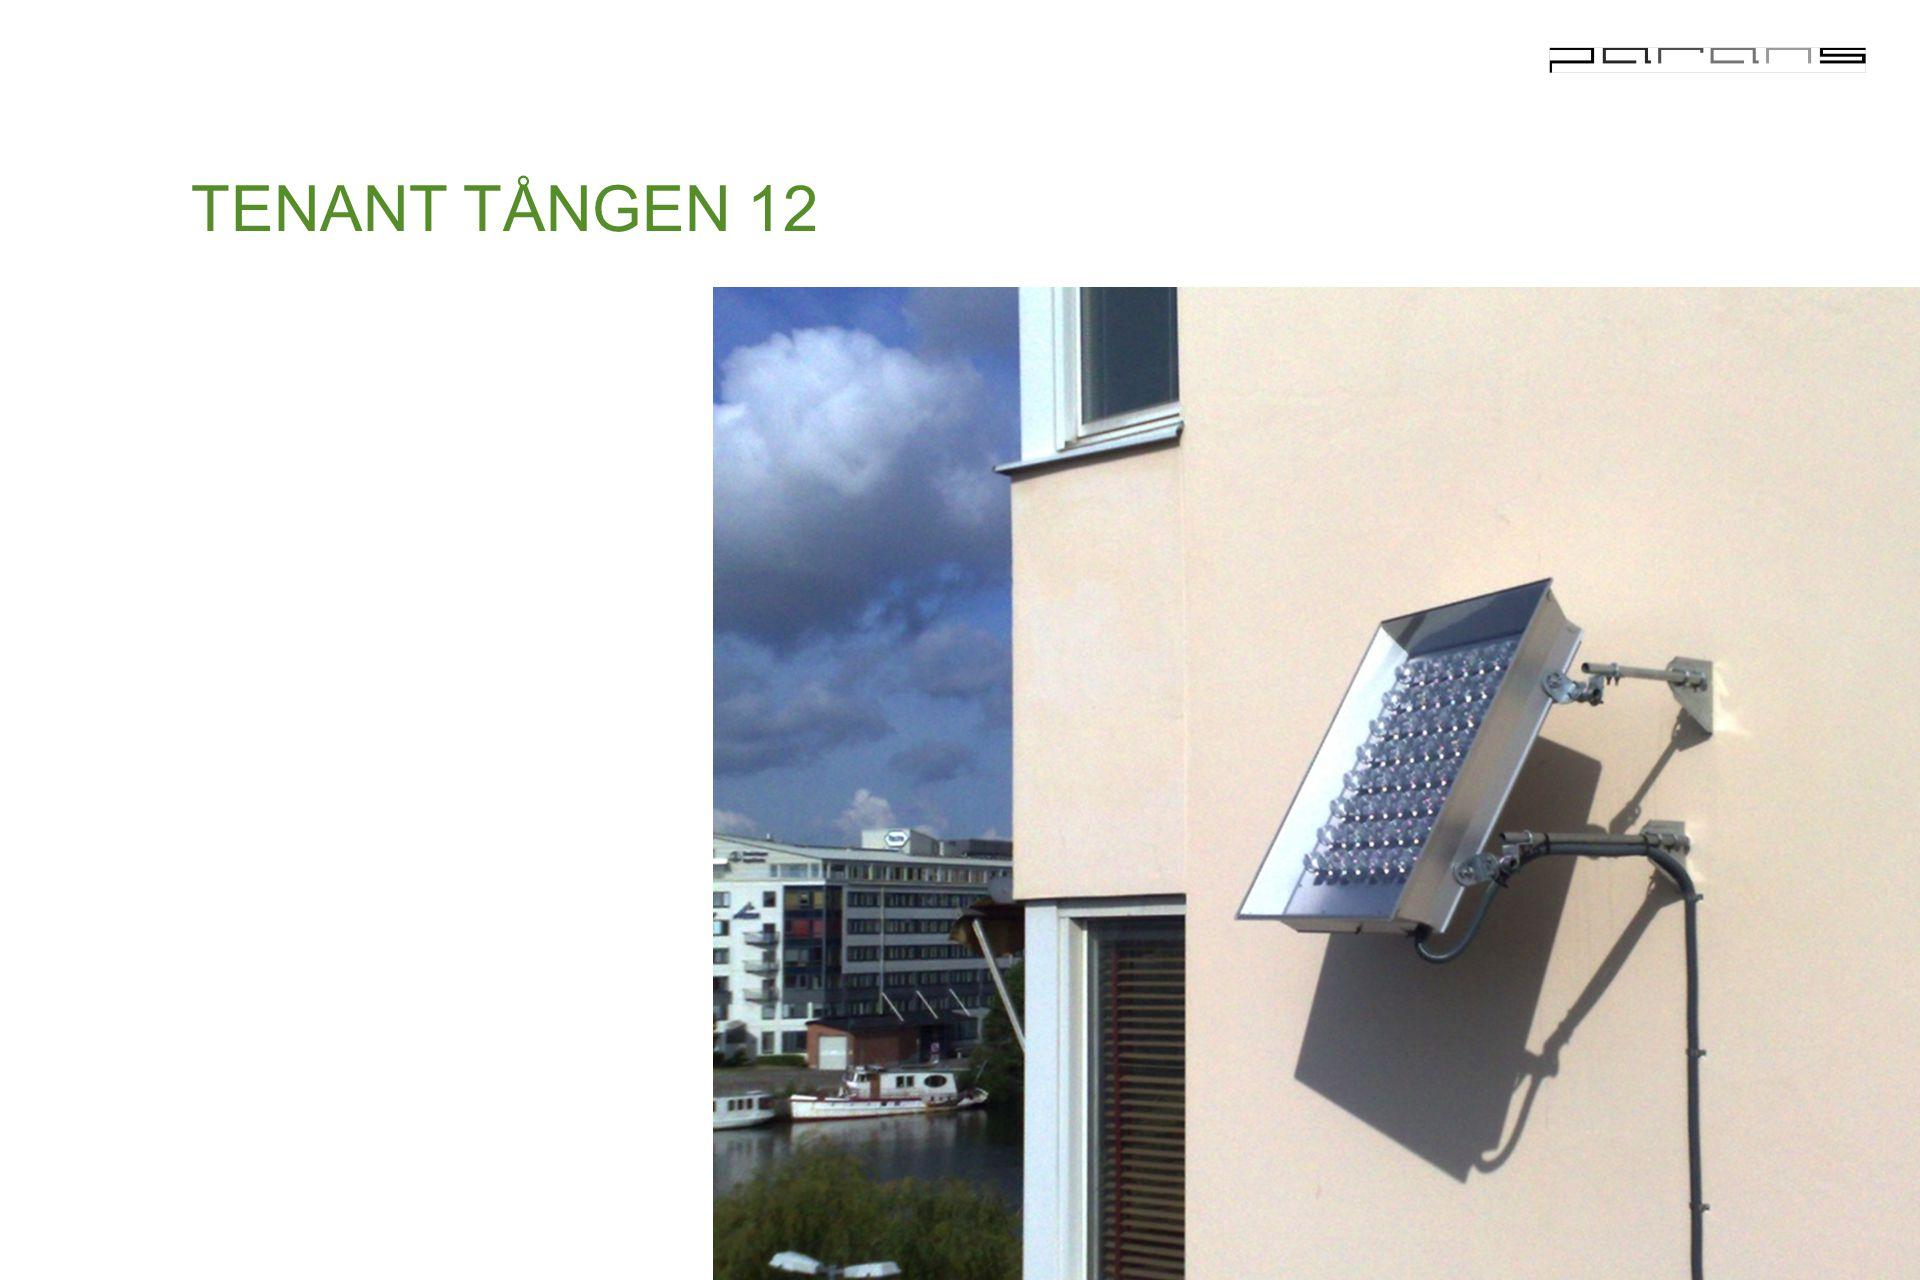 TENANT TÅNGEN 12